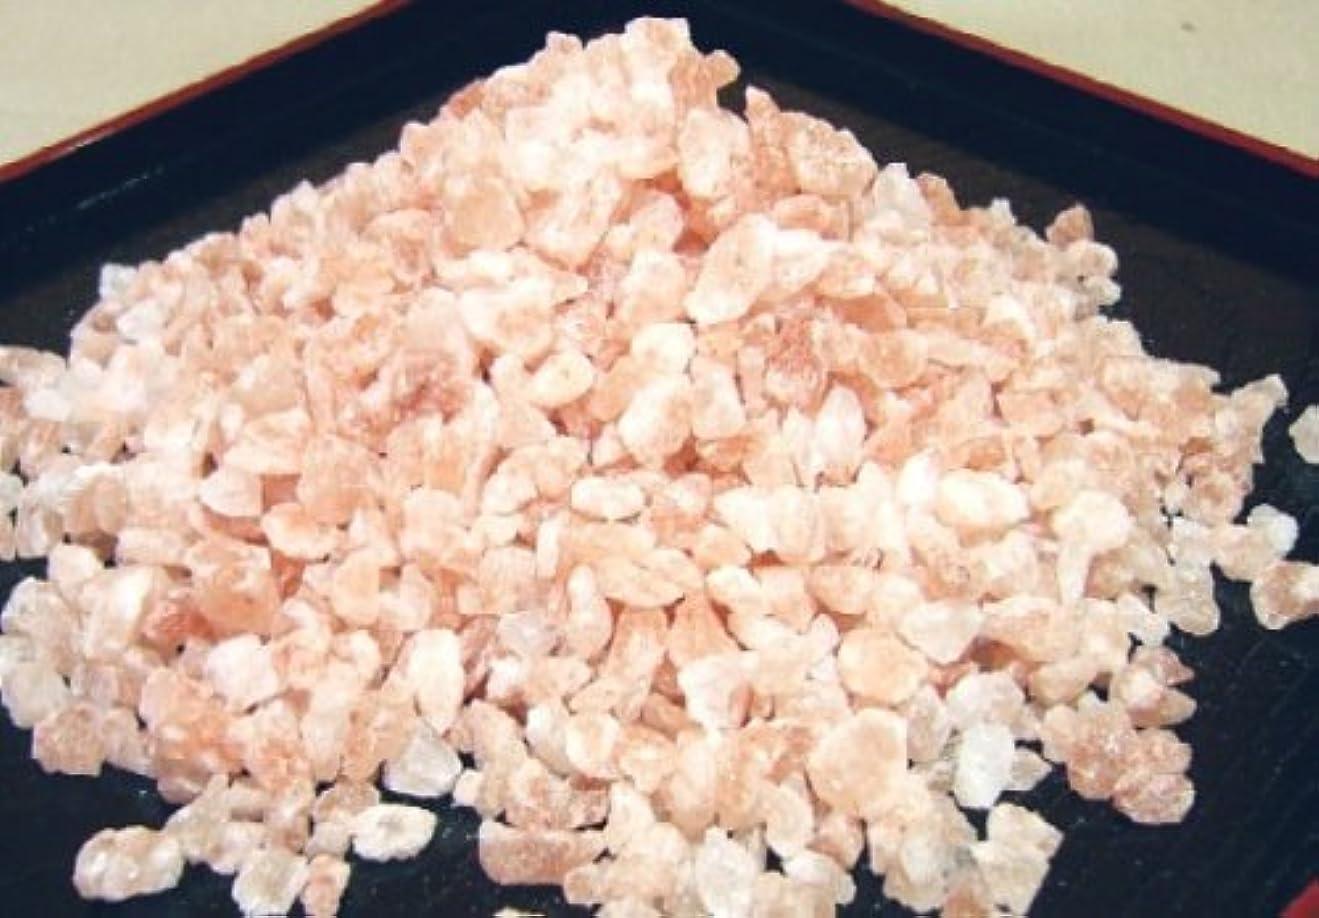 敬の念インセンティブニコチンヒマラヤ岩塩 バスソルト ゆっくり溶ける粗粒タイプ 500g×5パック